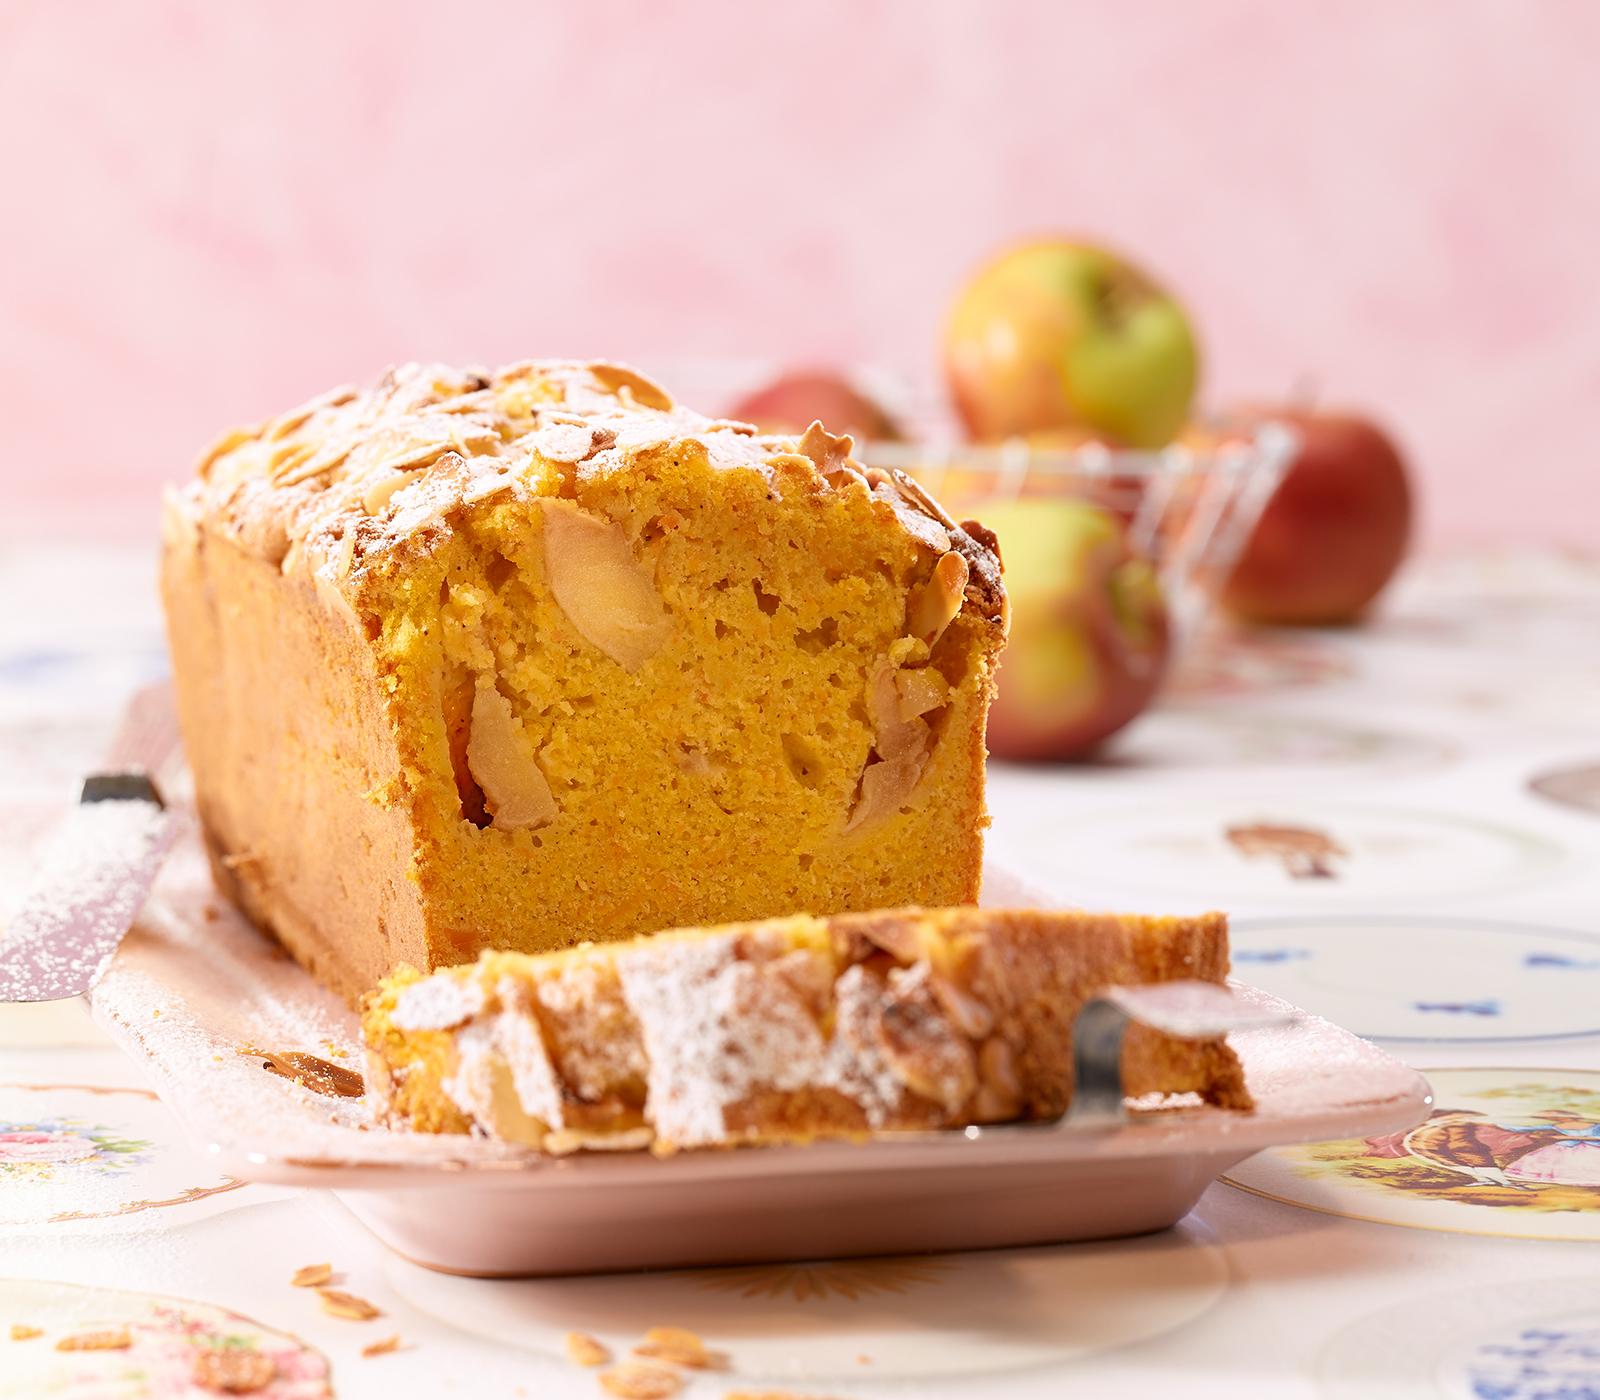 Apfel mandel kuchen wildeisen